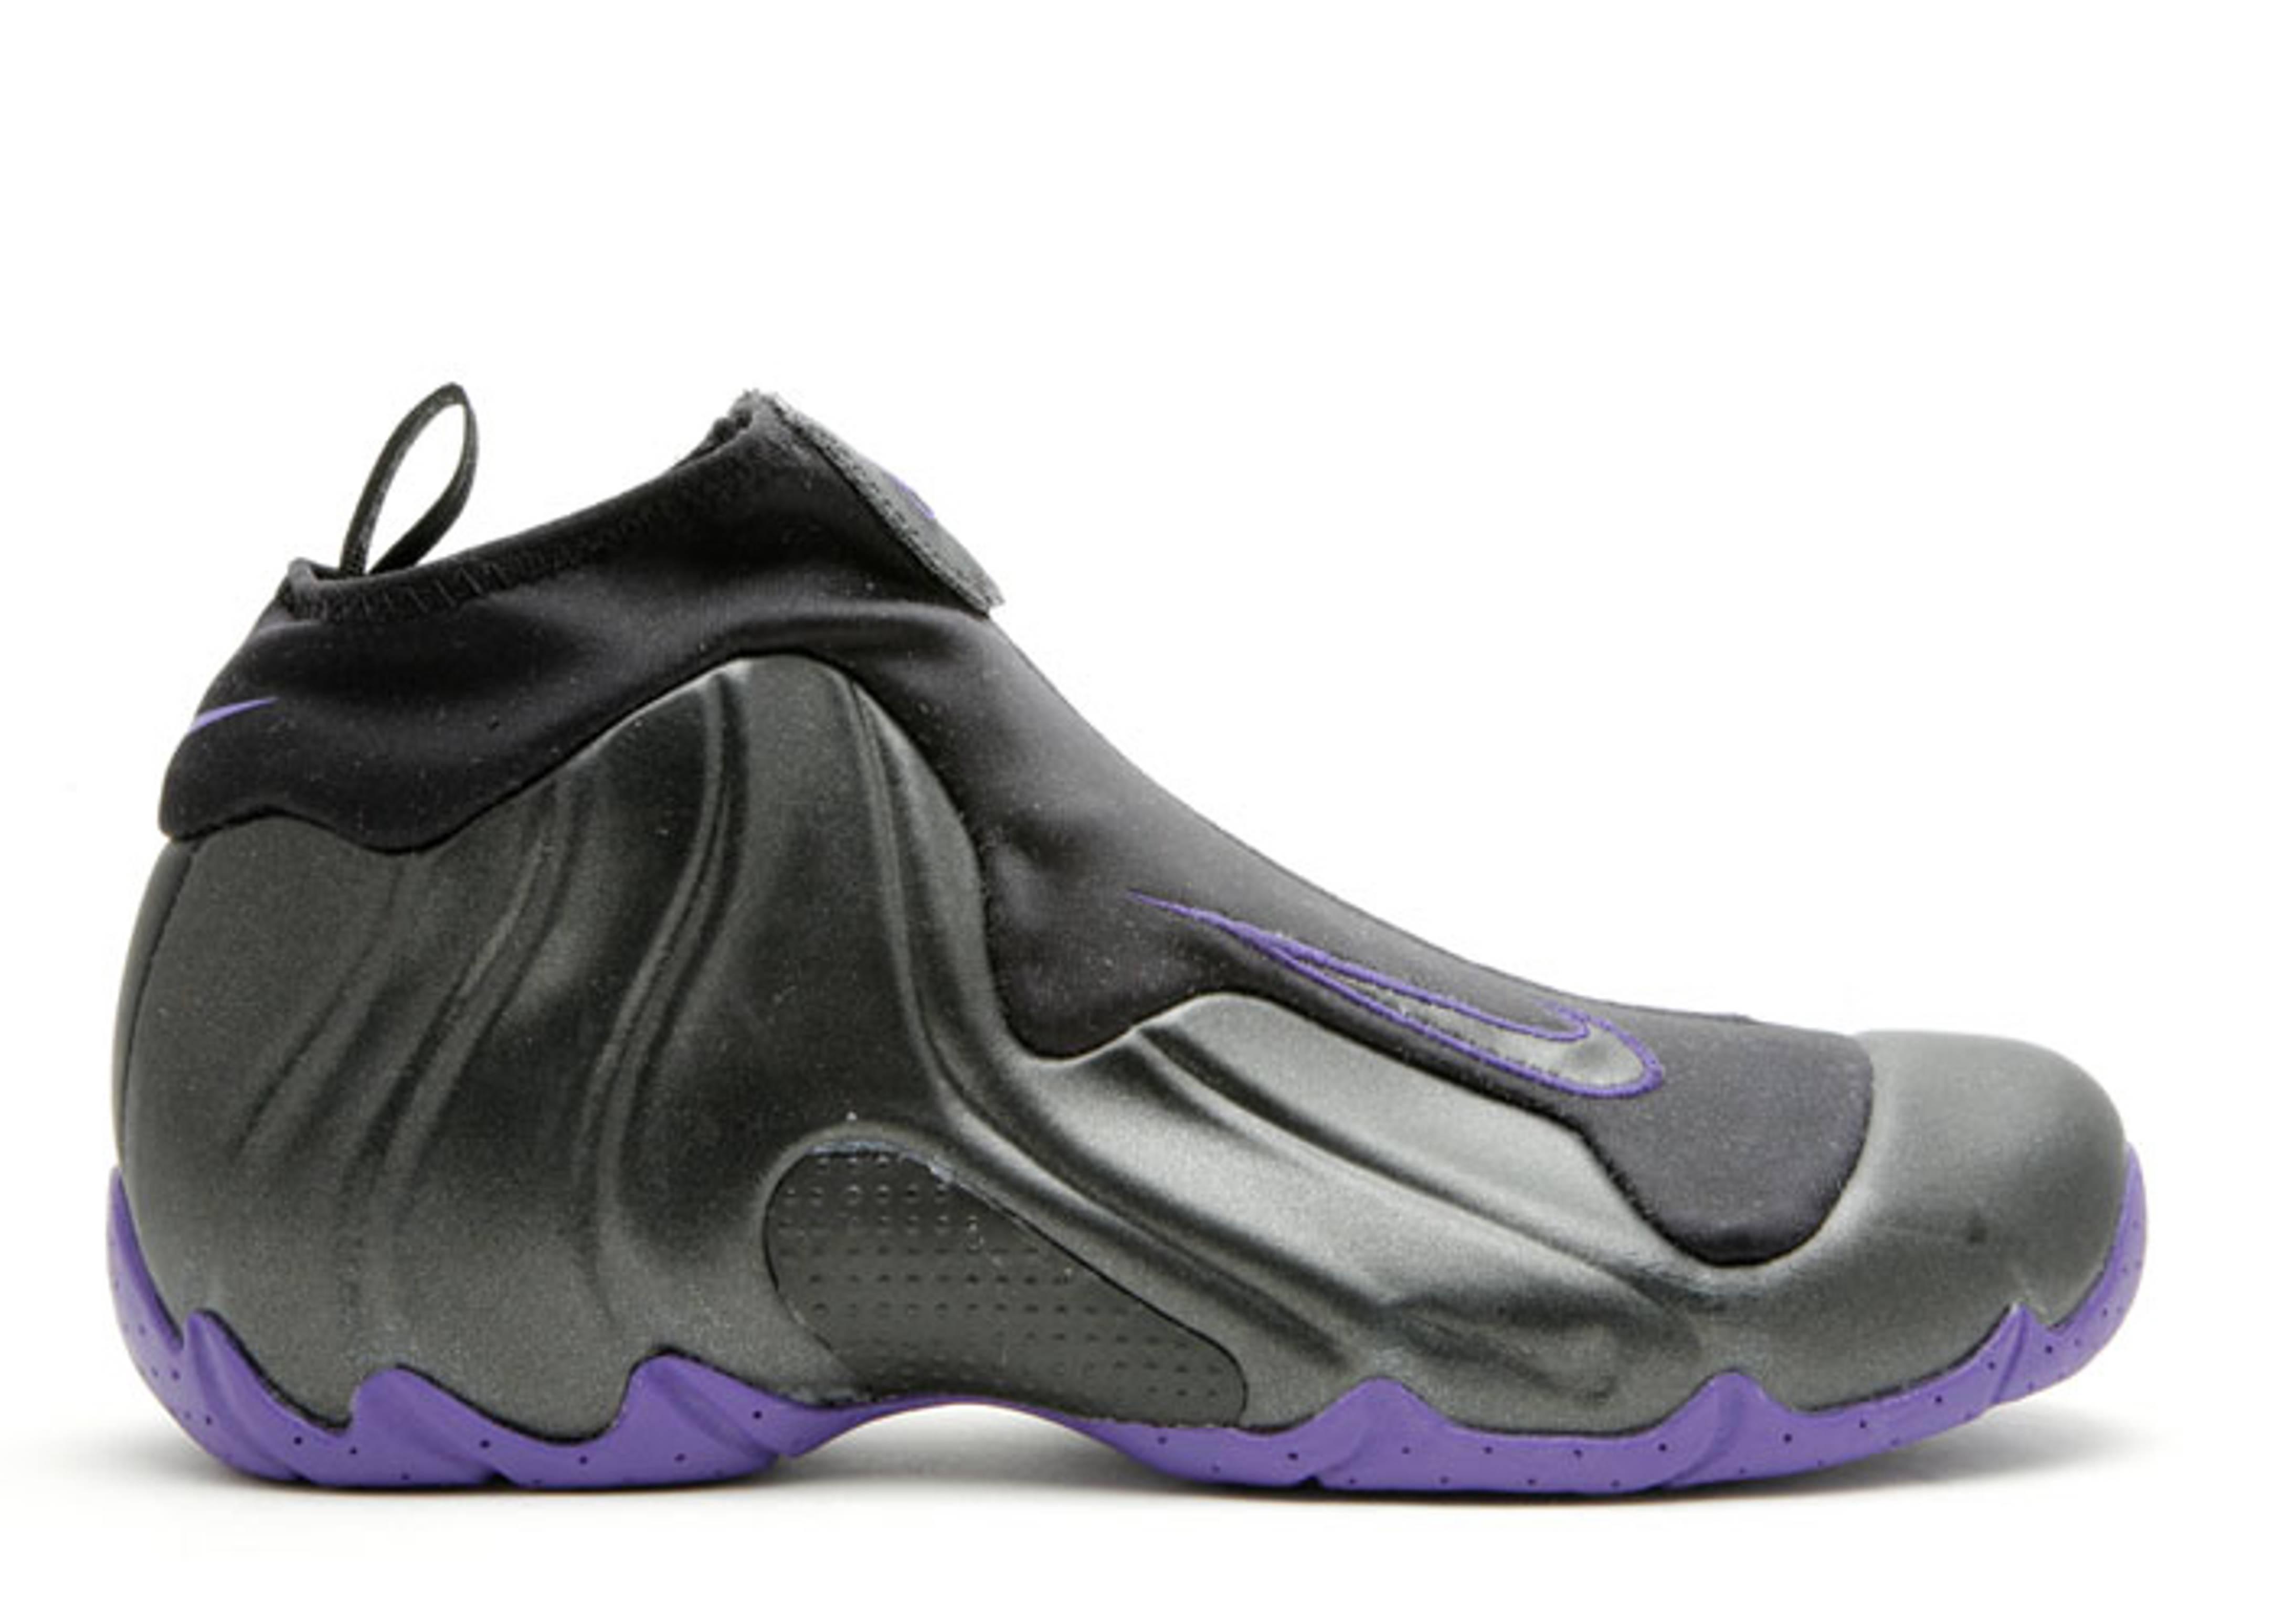 nike air flightposite black purple